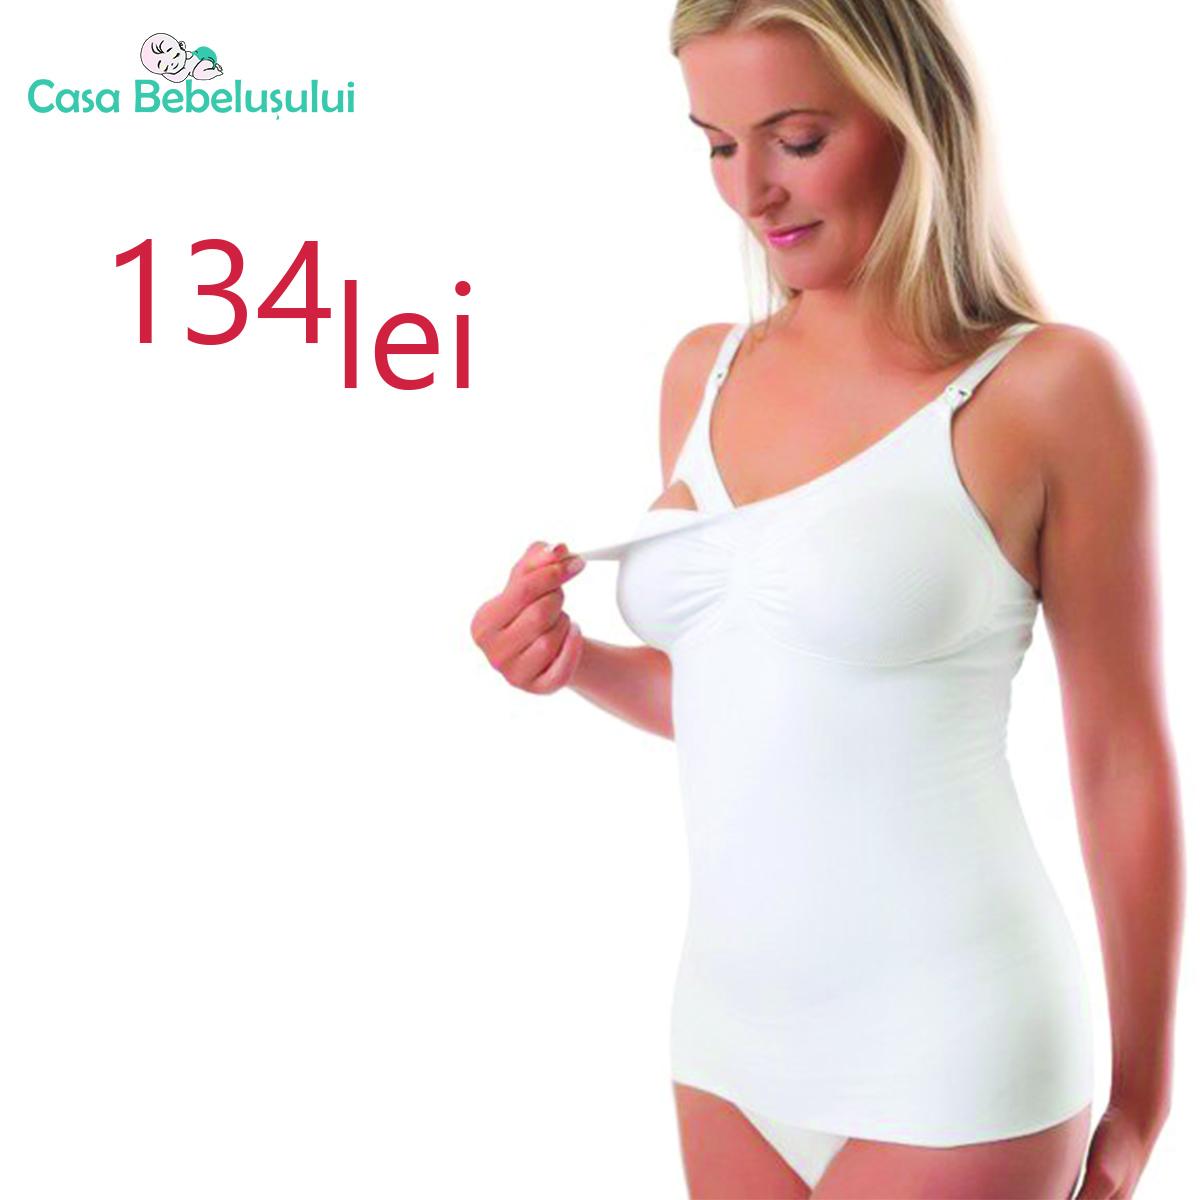 Casabebelusului - Top 134 lei alb